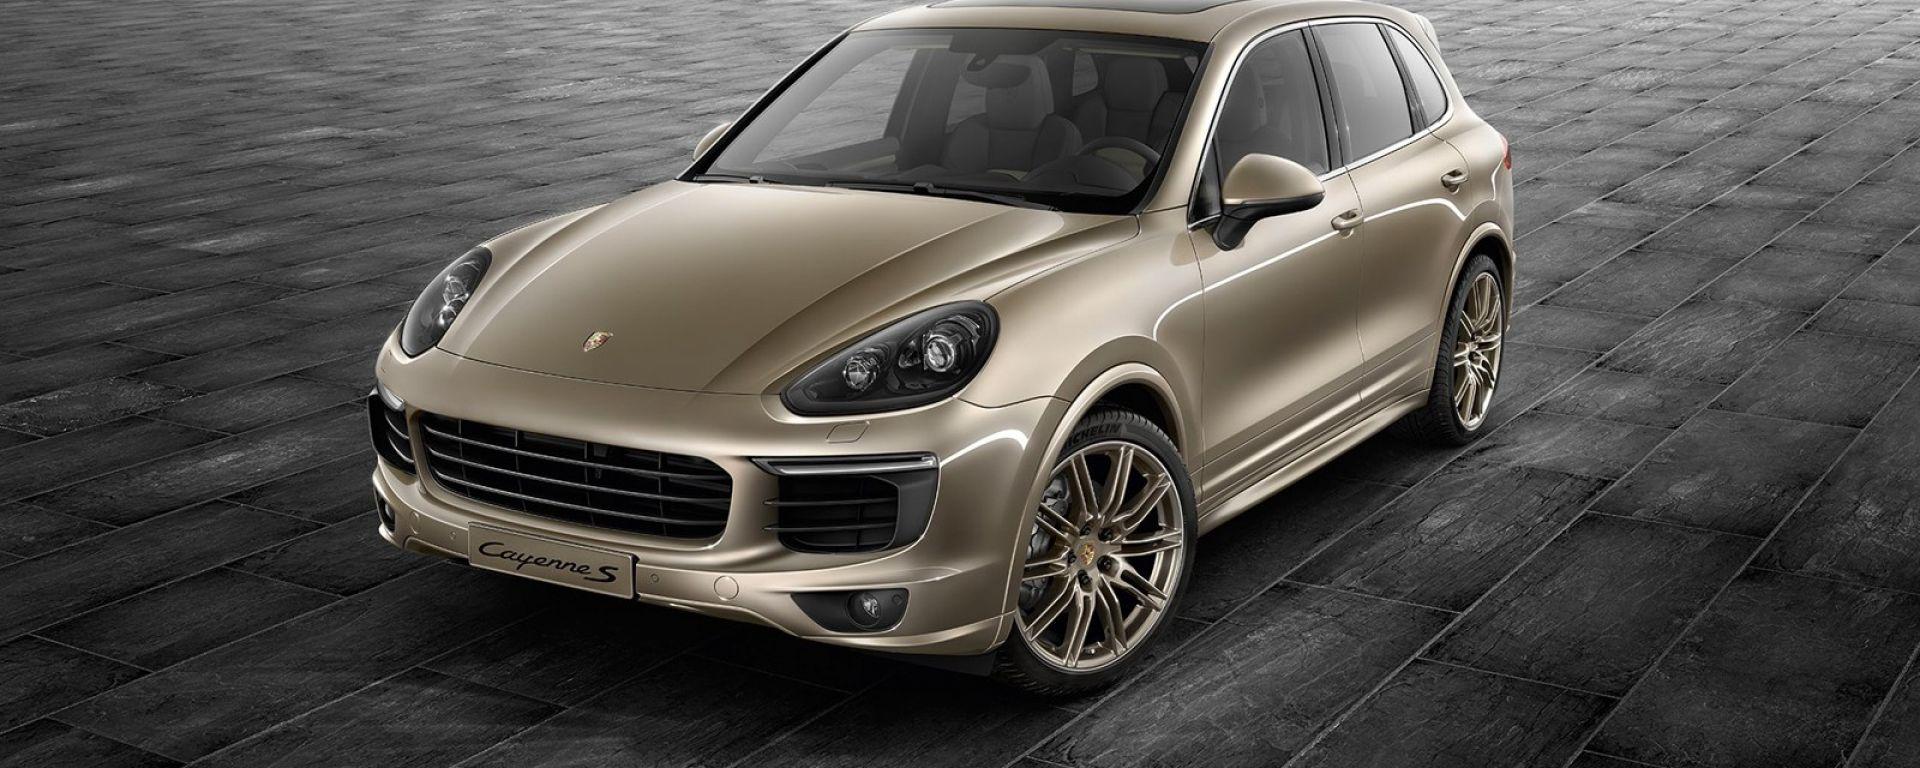 Porsche Cayenne S Palladium Metallic